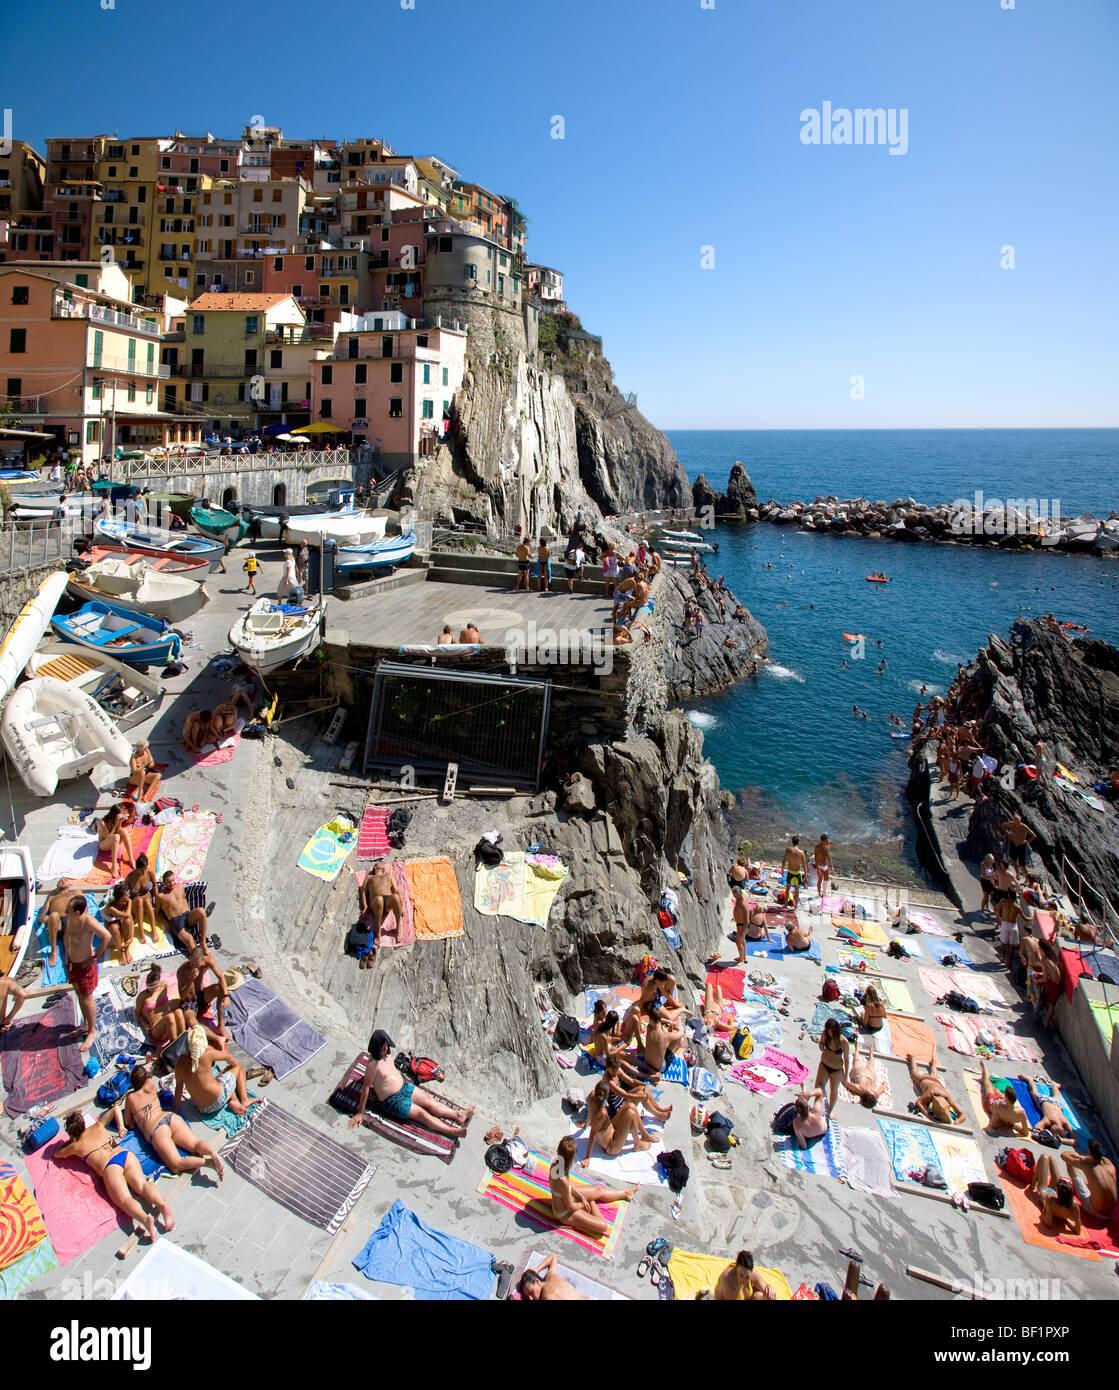 Riomaggiore with sunbathers on jetty, Cinque Terre, Liguria, Italy - Stock Image